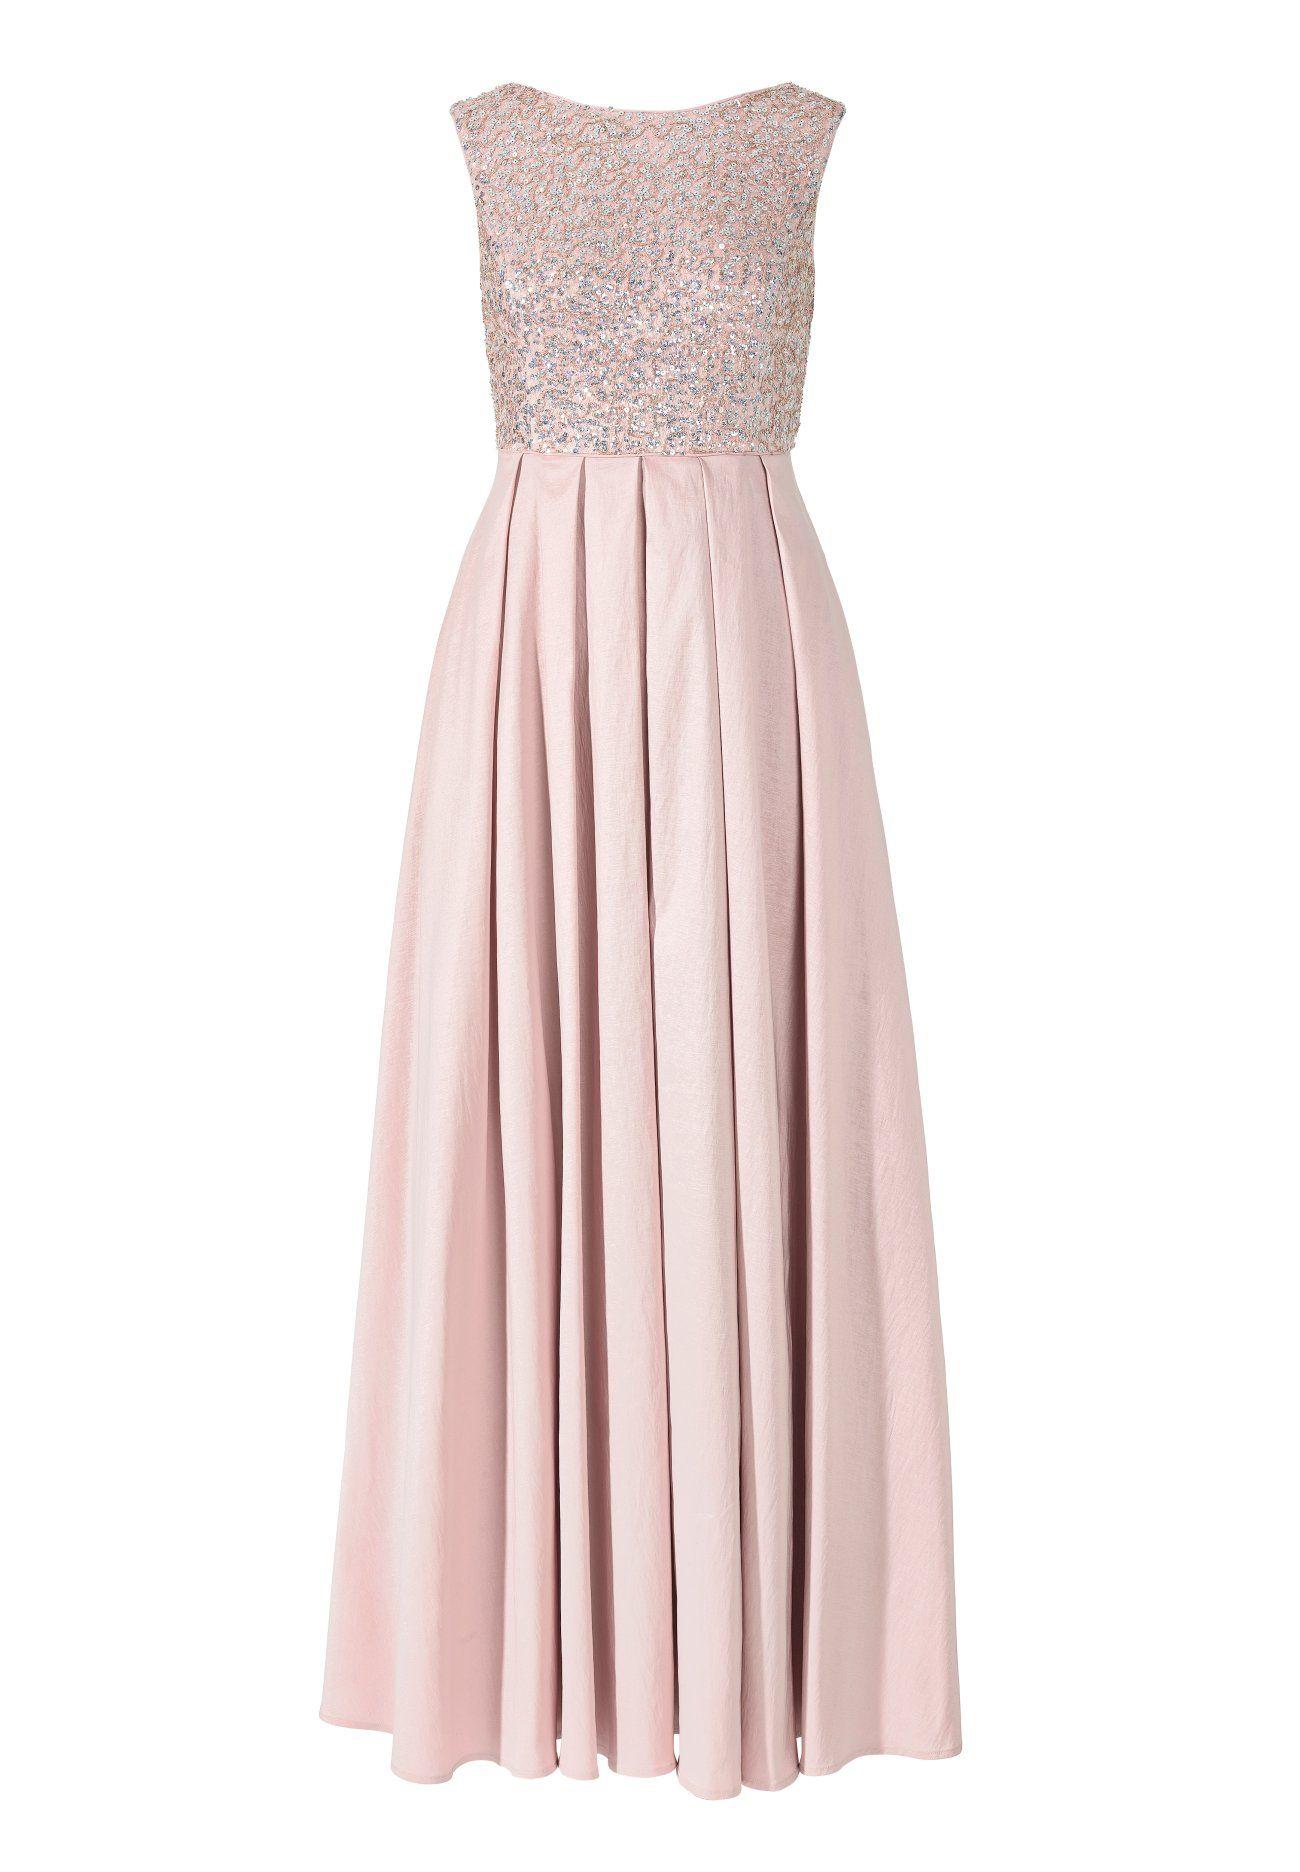 Taftkleid | Rosa kleid, Pailletten und Langes abendkleid